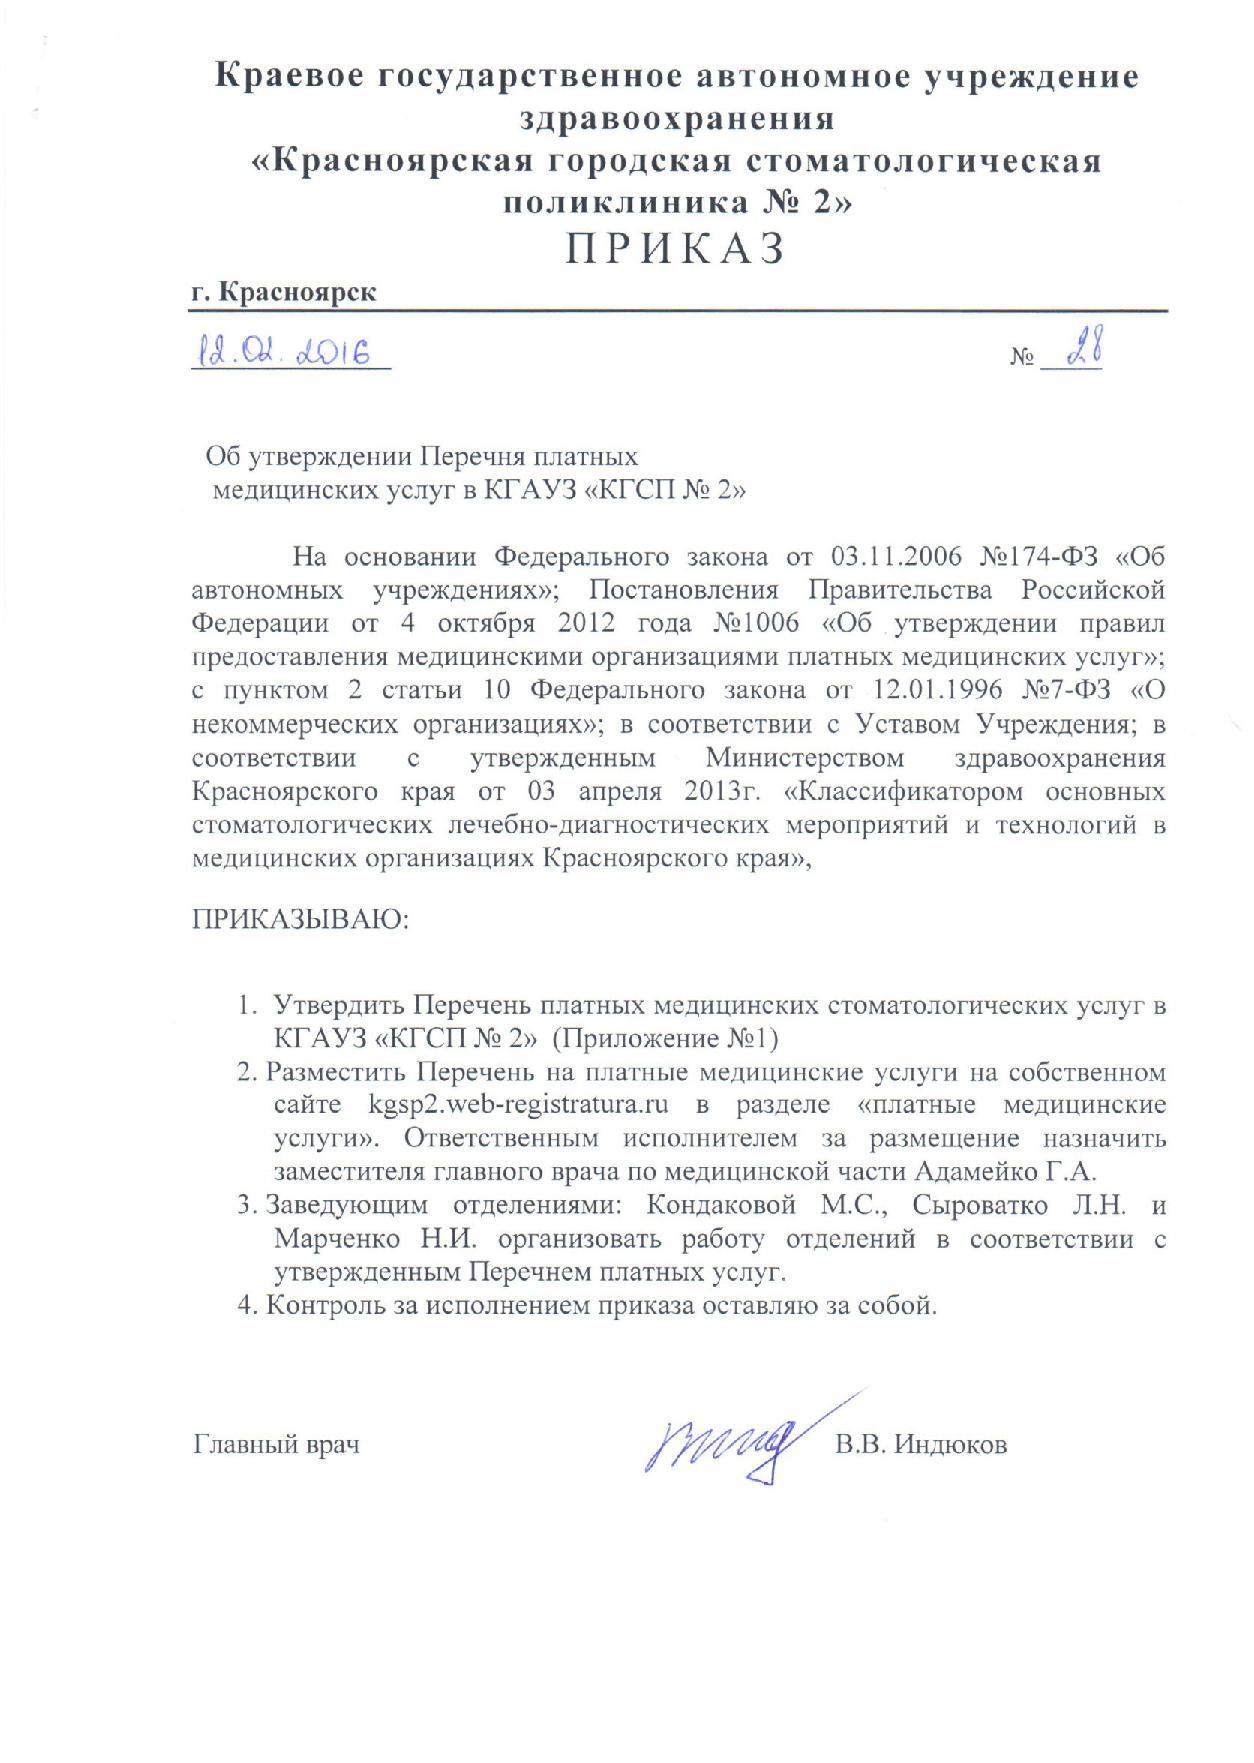 Приказ 28 от 12.02.2016 об утверждении перечня платных медицинских услуг (1)